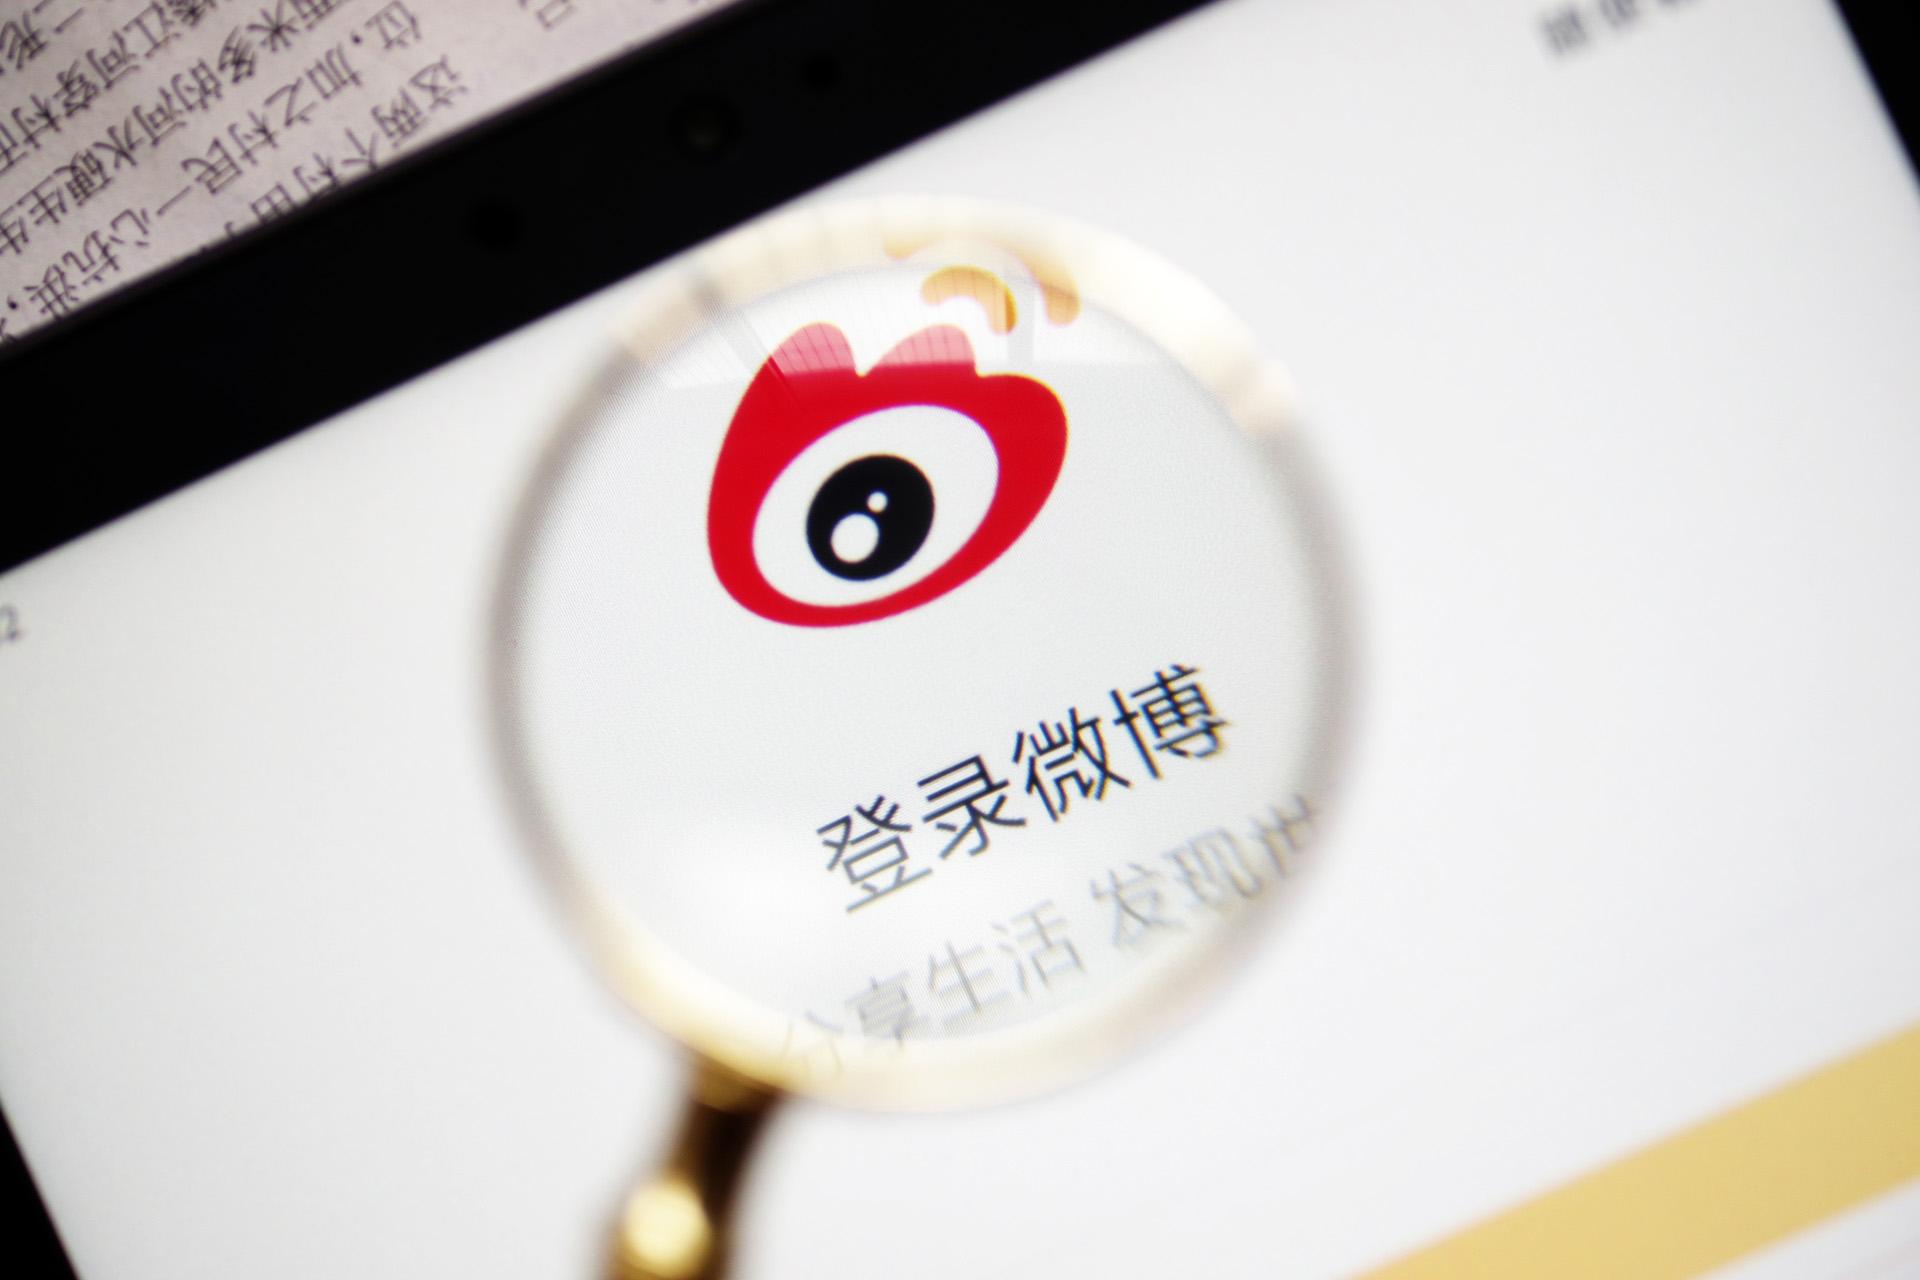 曹国伟地下信:将来须要思虑技巧迭代带来的新机会